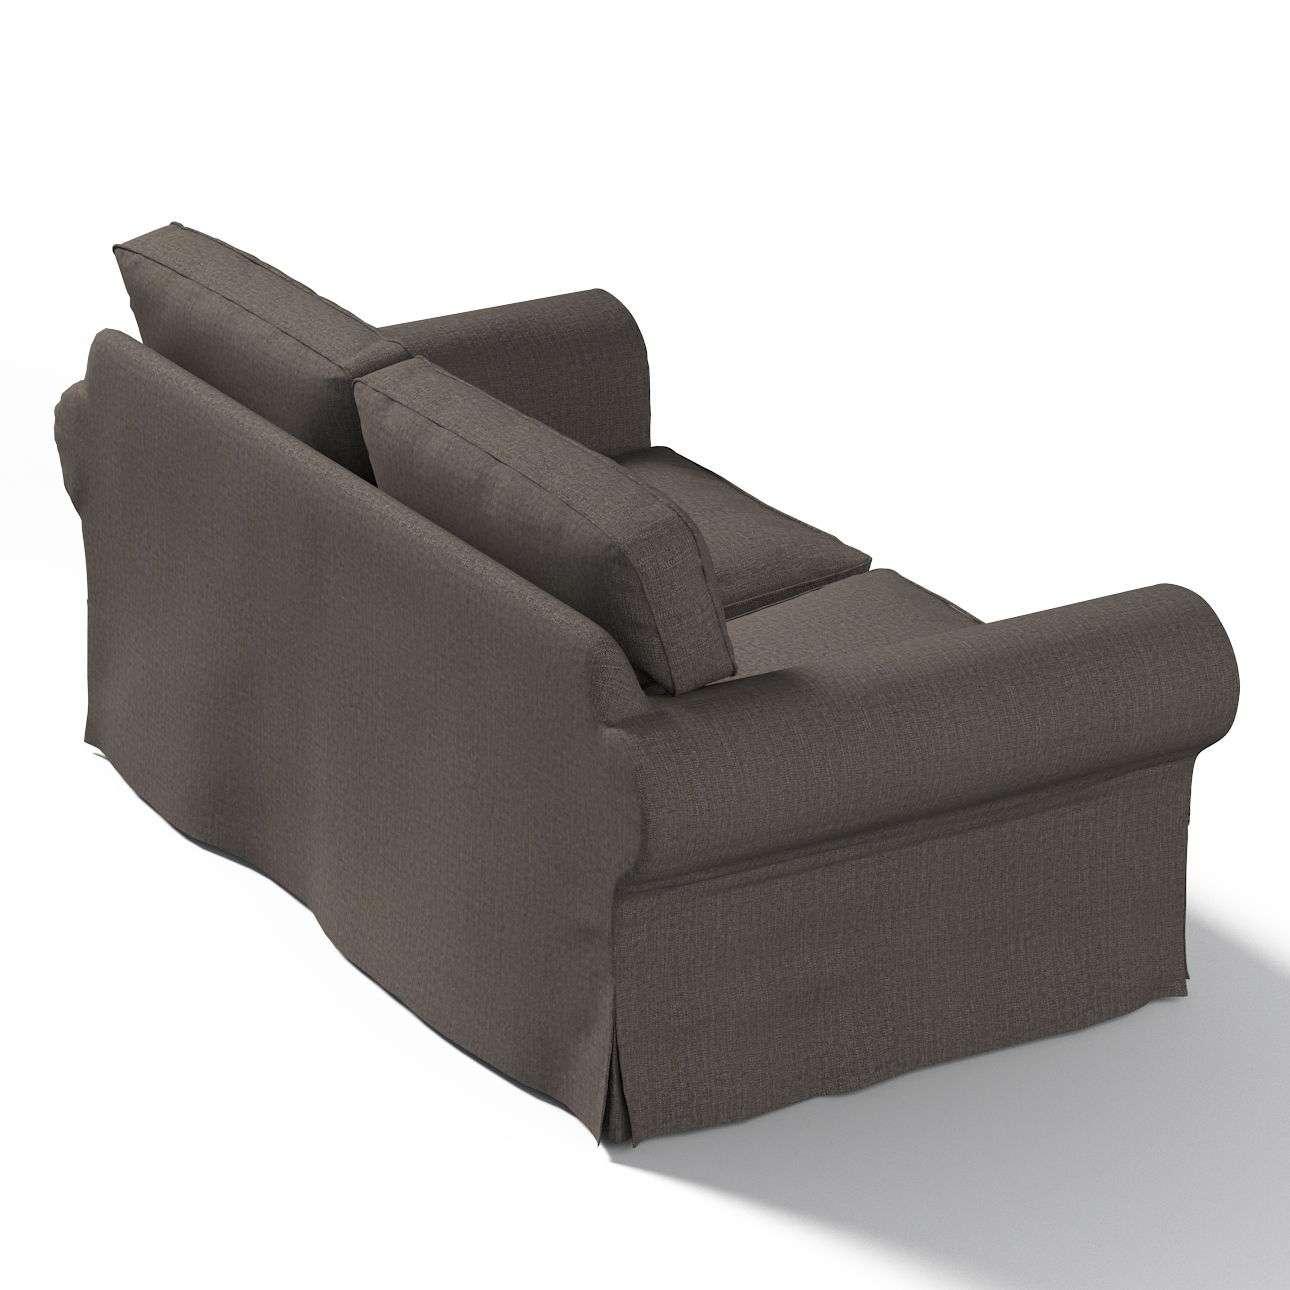 Pokrowiec na sofę Ektorp 2-osobową, nierozkładaną w kolekcji Vintage, tkanina: 702-36